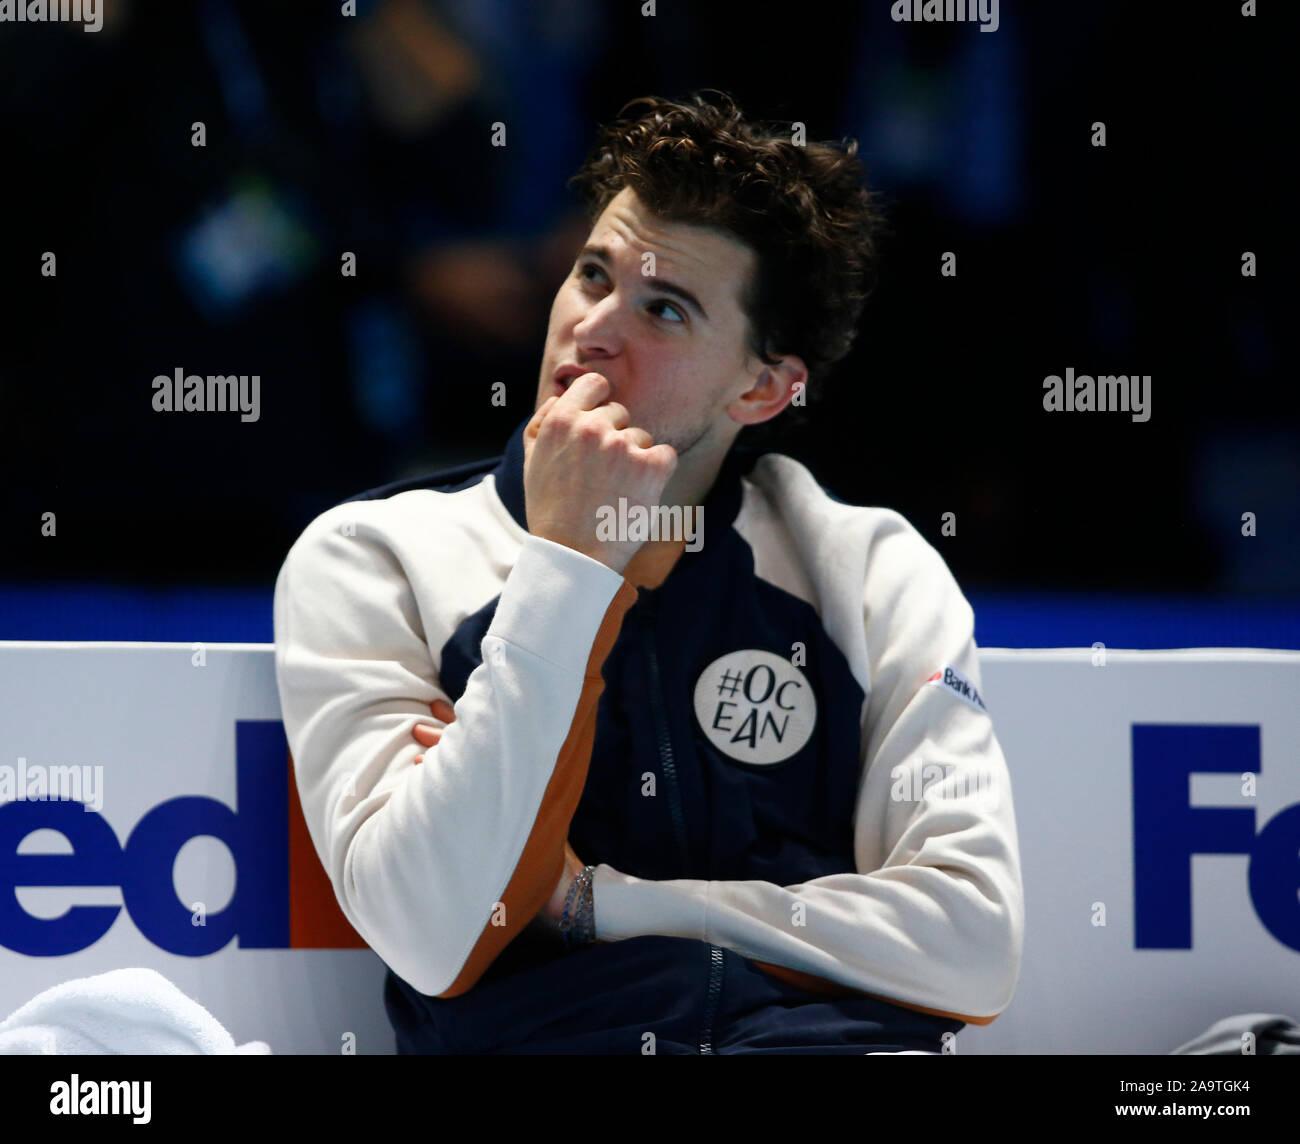 Londres, Reino Unido. El 17 de noviembre de Dominic Thiem durante en acción durante el partido final del campeonato Singles Dominic Thiem (AUT) contra Stefanos Tsitsipas (GRE) - tenis internacional Nitto ATP World Tour final Día 8 - Martes 17 de noviembre de 2019 - O2 Arena - Londres: acción de Crédito Foto Sport/Alamy Live News Foto de stock